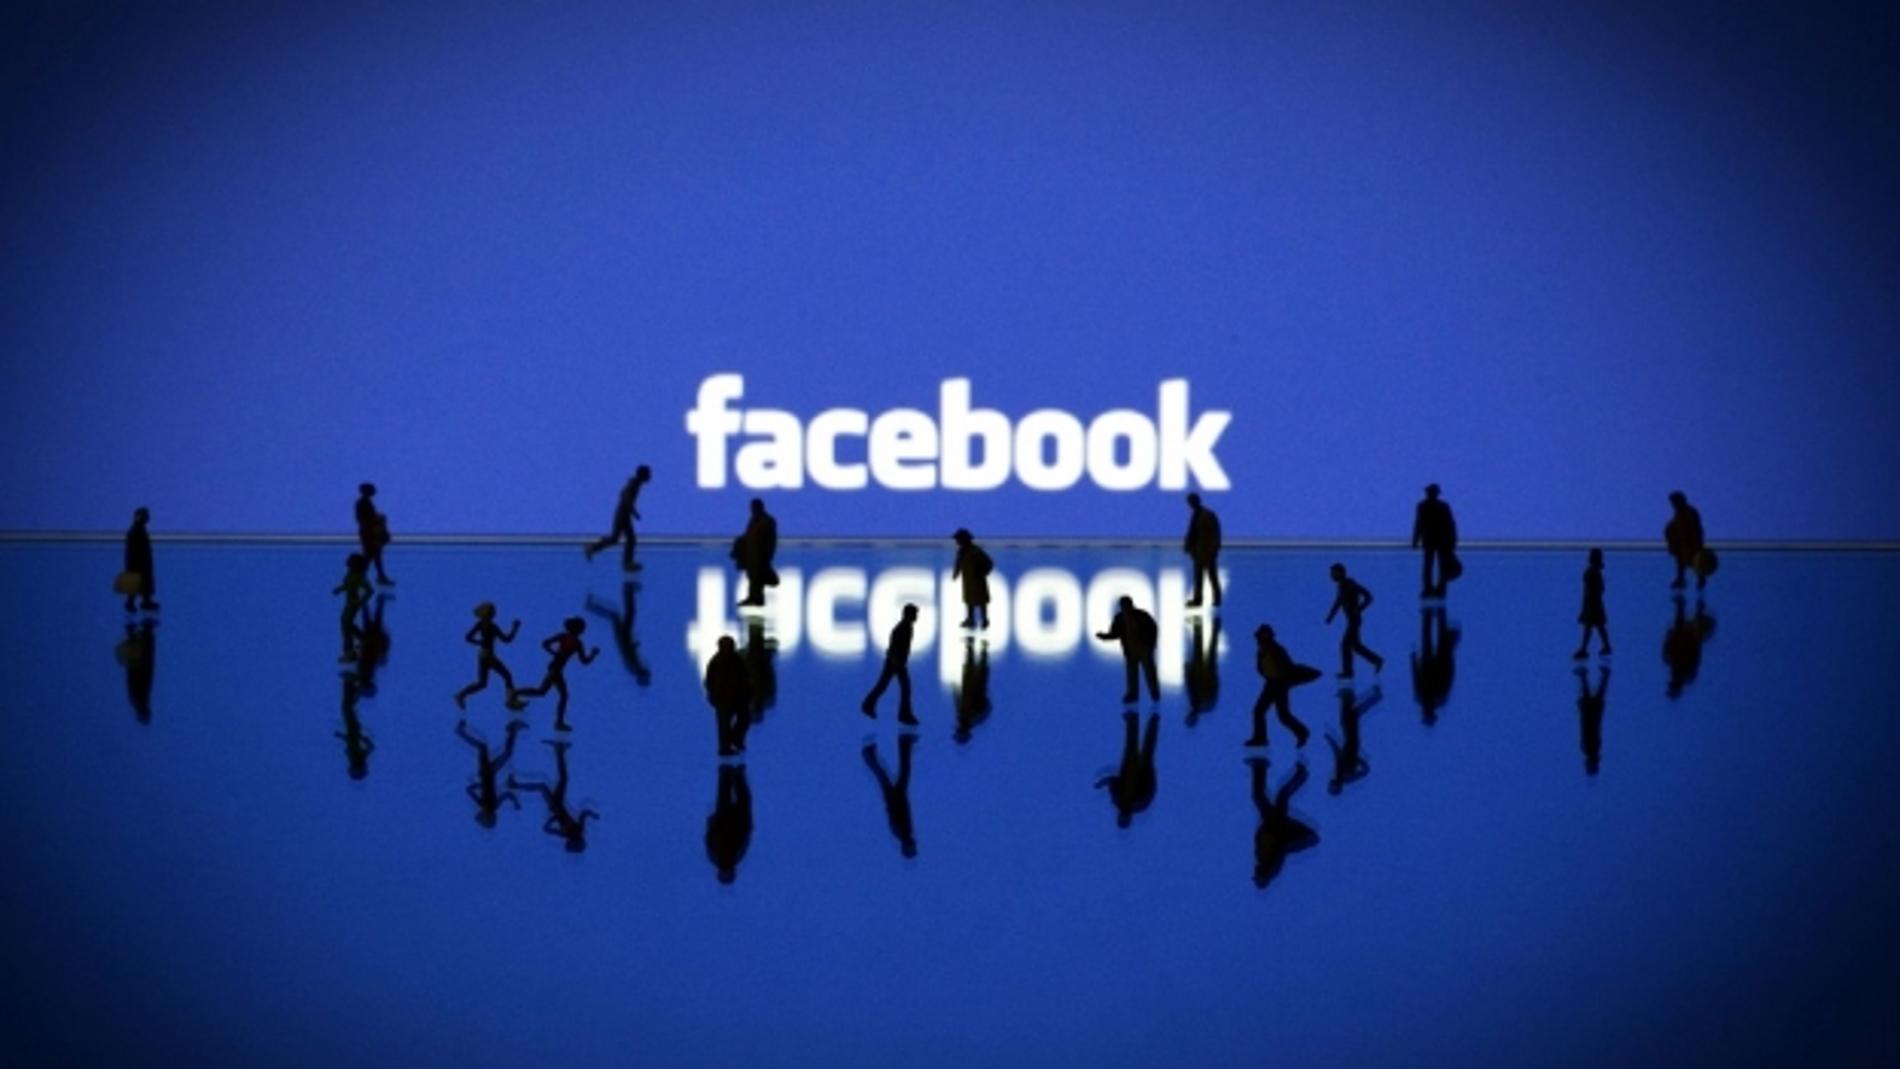 Facebook esconde muchos trucos interesantes que a lo mejor desconoces